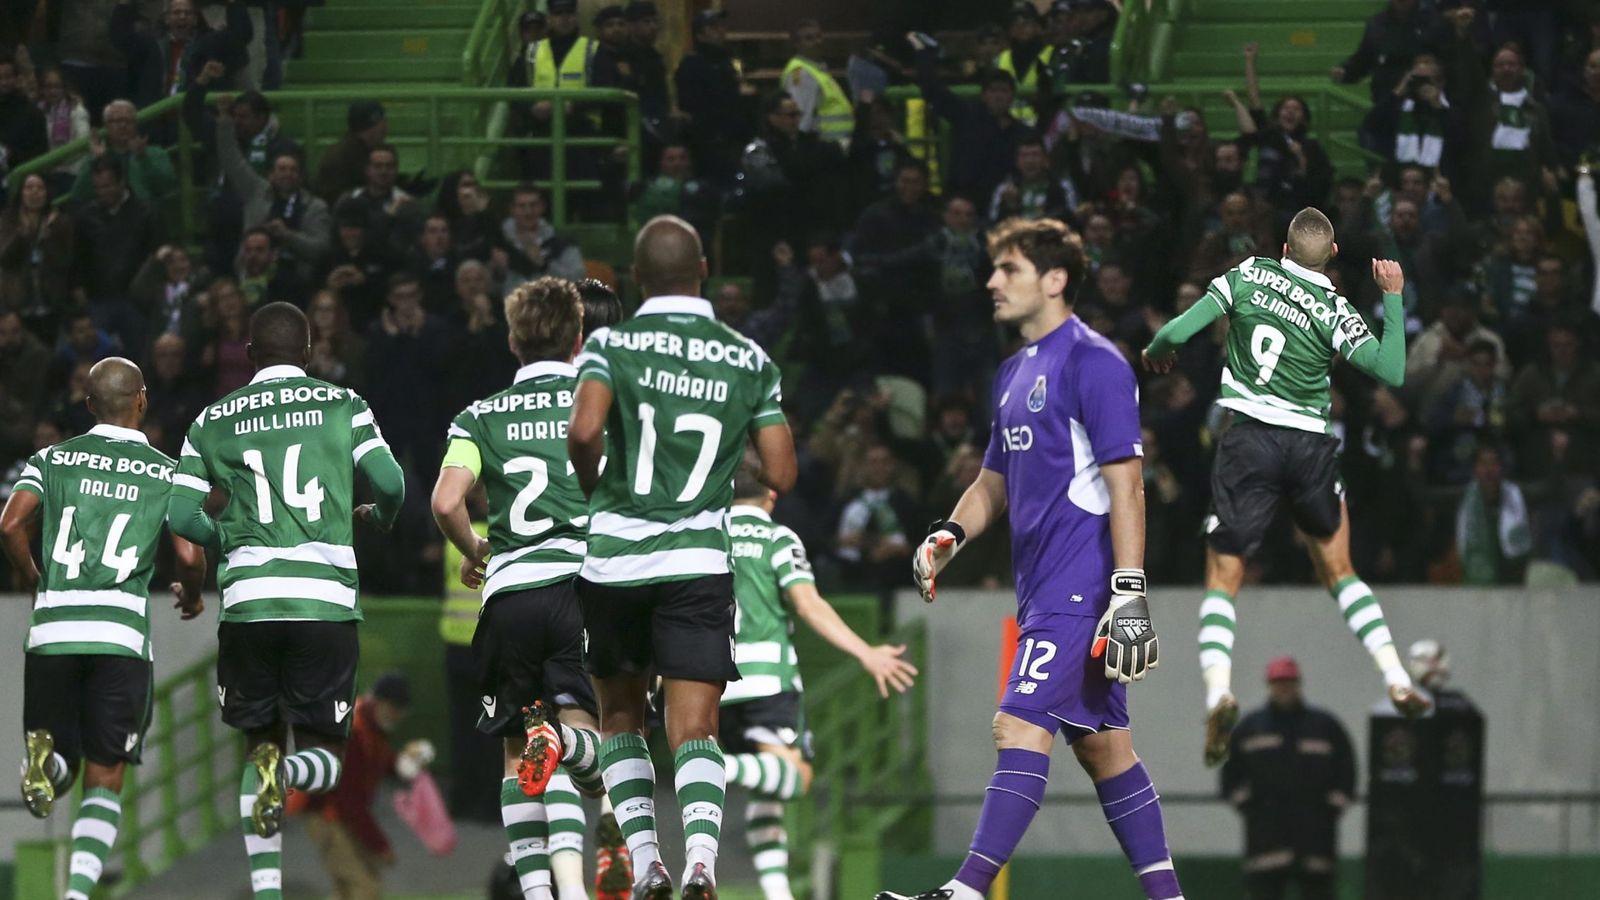 Foto: Sporting cp vs fc porto